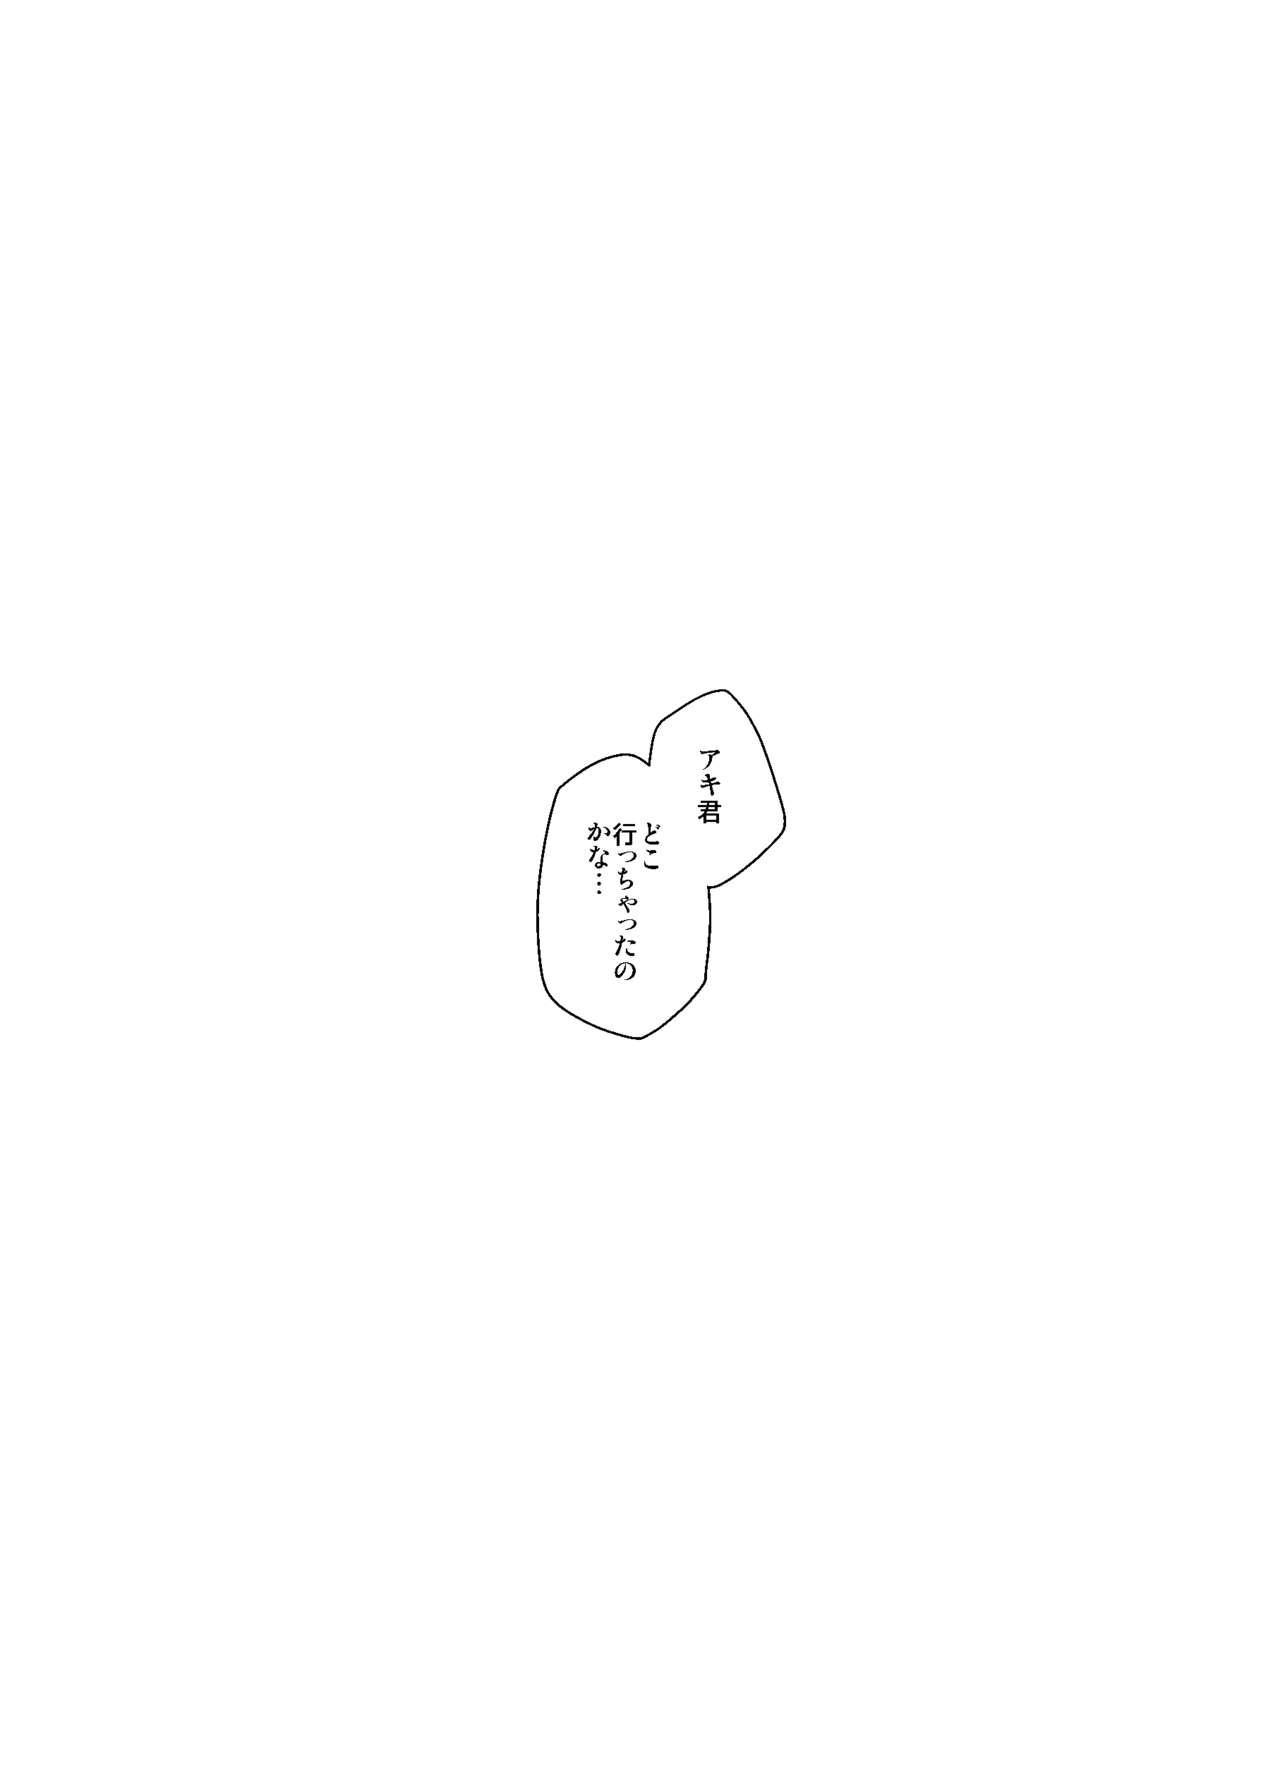 Uso no Kimi to Anoko no Himitsu 15